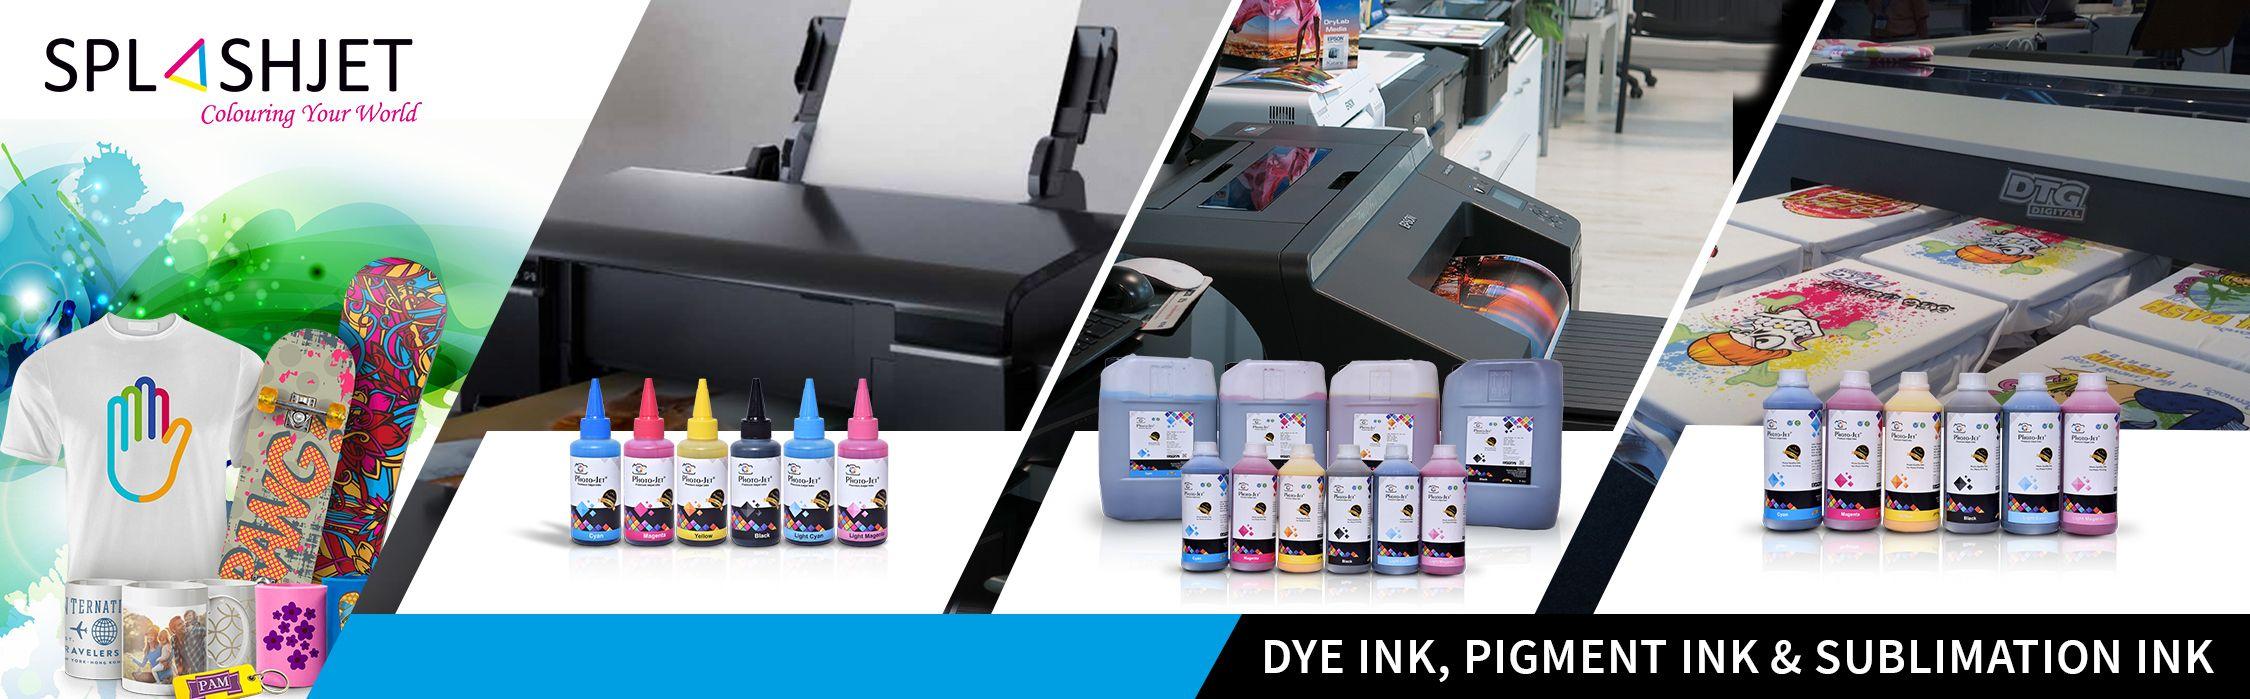 High Quality Inkjet Ink, DTG Ink, Sublimation Ink, Plotter Ink